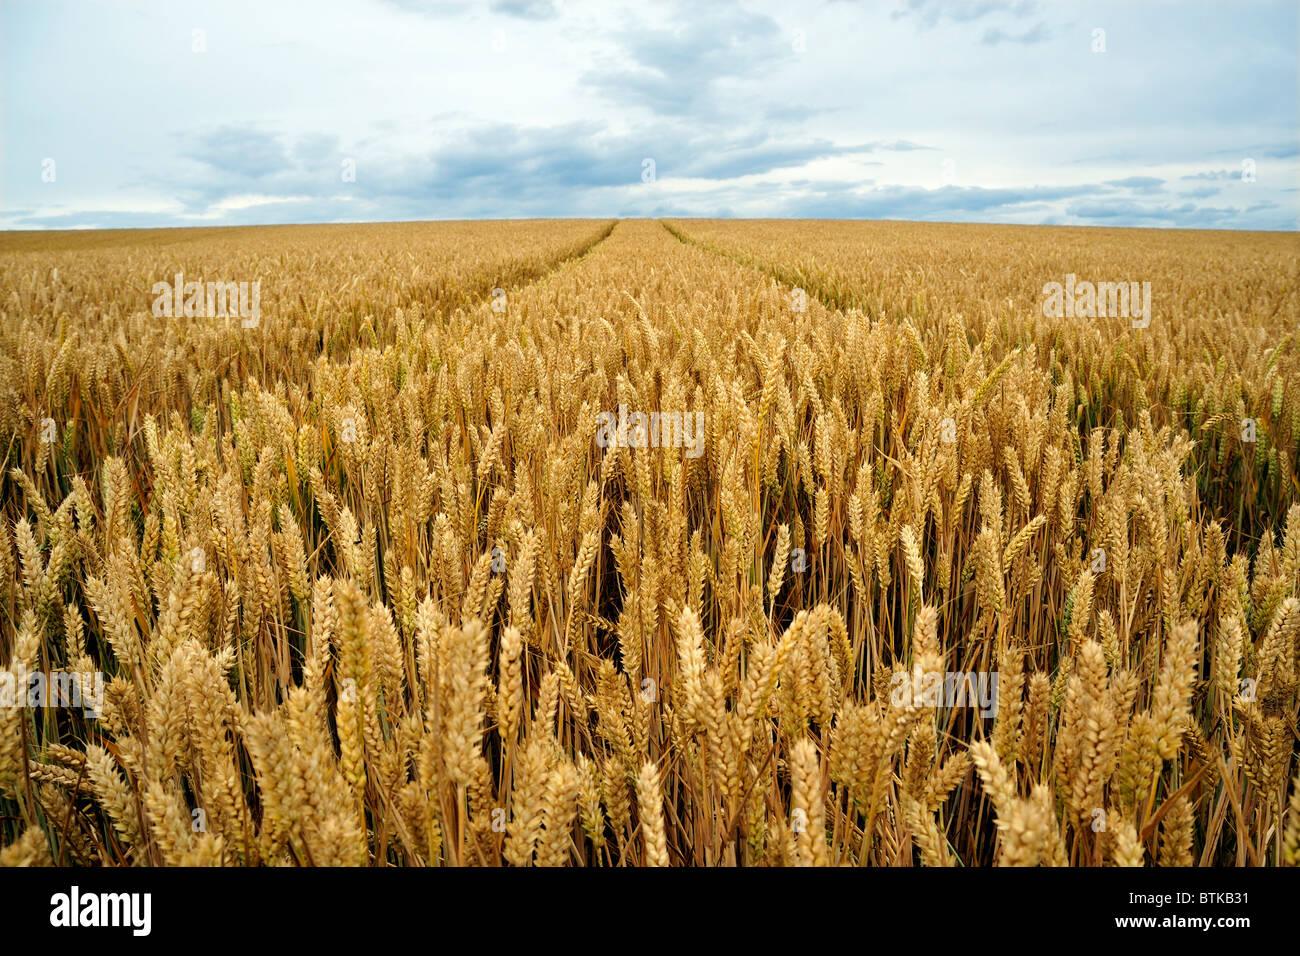 WHEATFIELD o campo de cultivar trigo Imagen De Stock